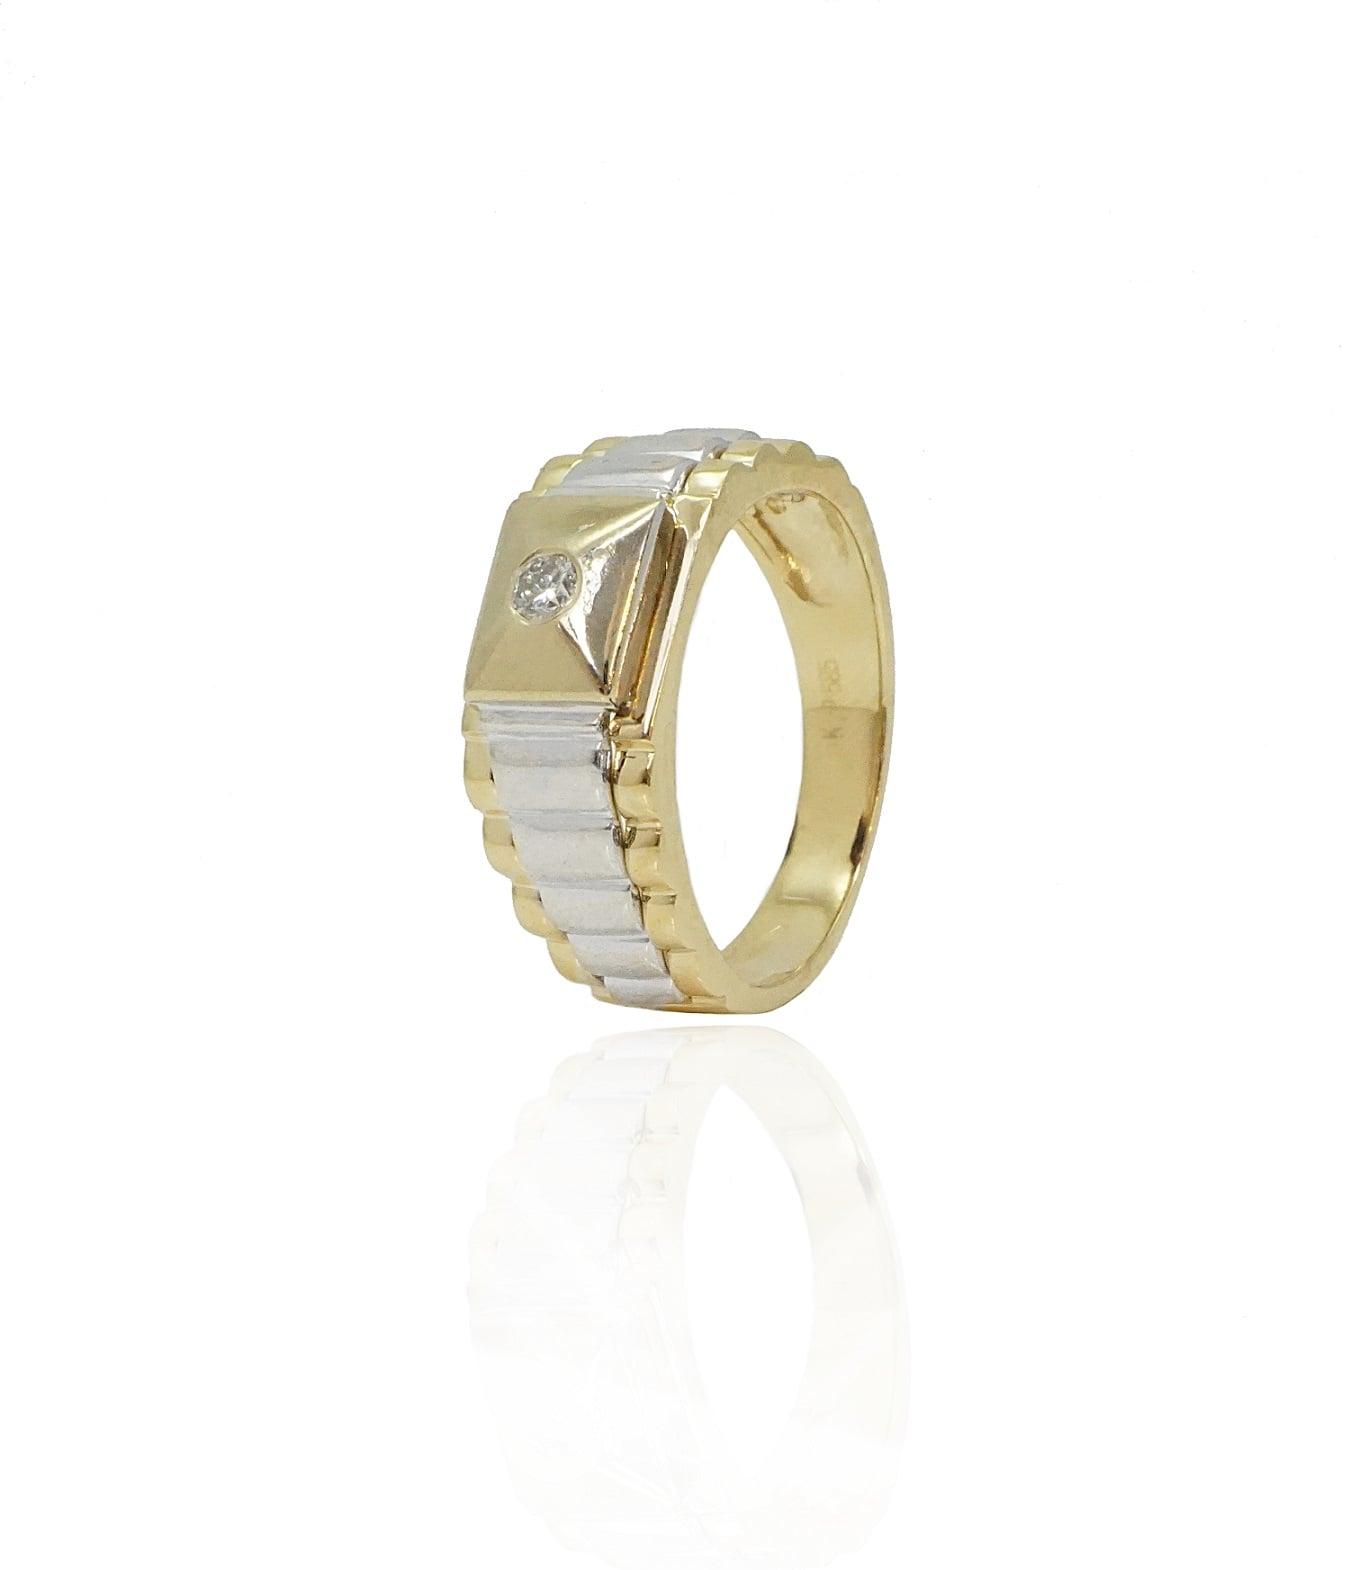 טבעת זהב צהוב ולבן לגבר משובצת יהלום 0.08 קראט